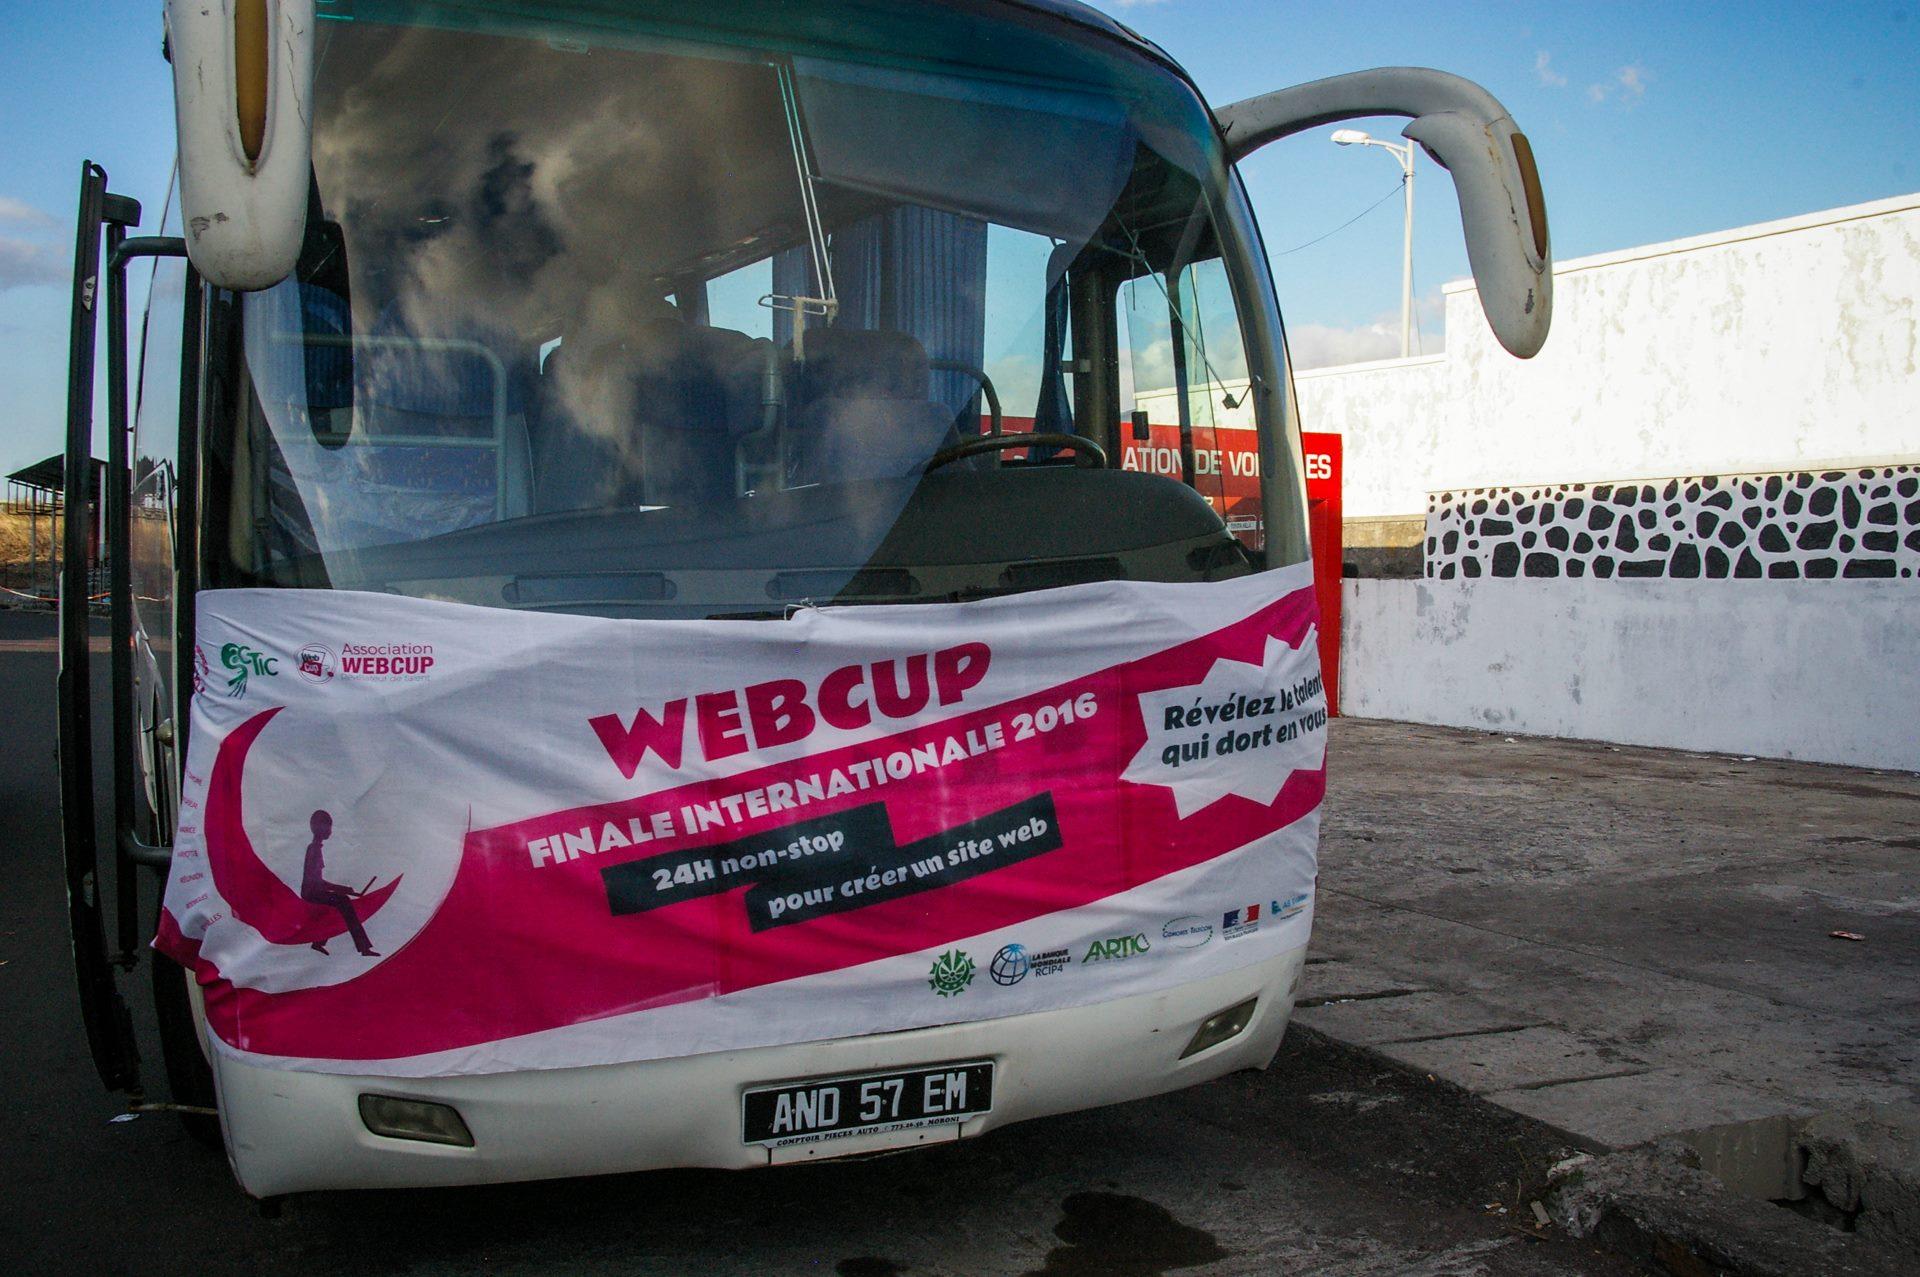 Webcup bus